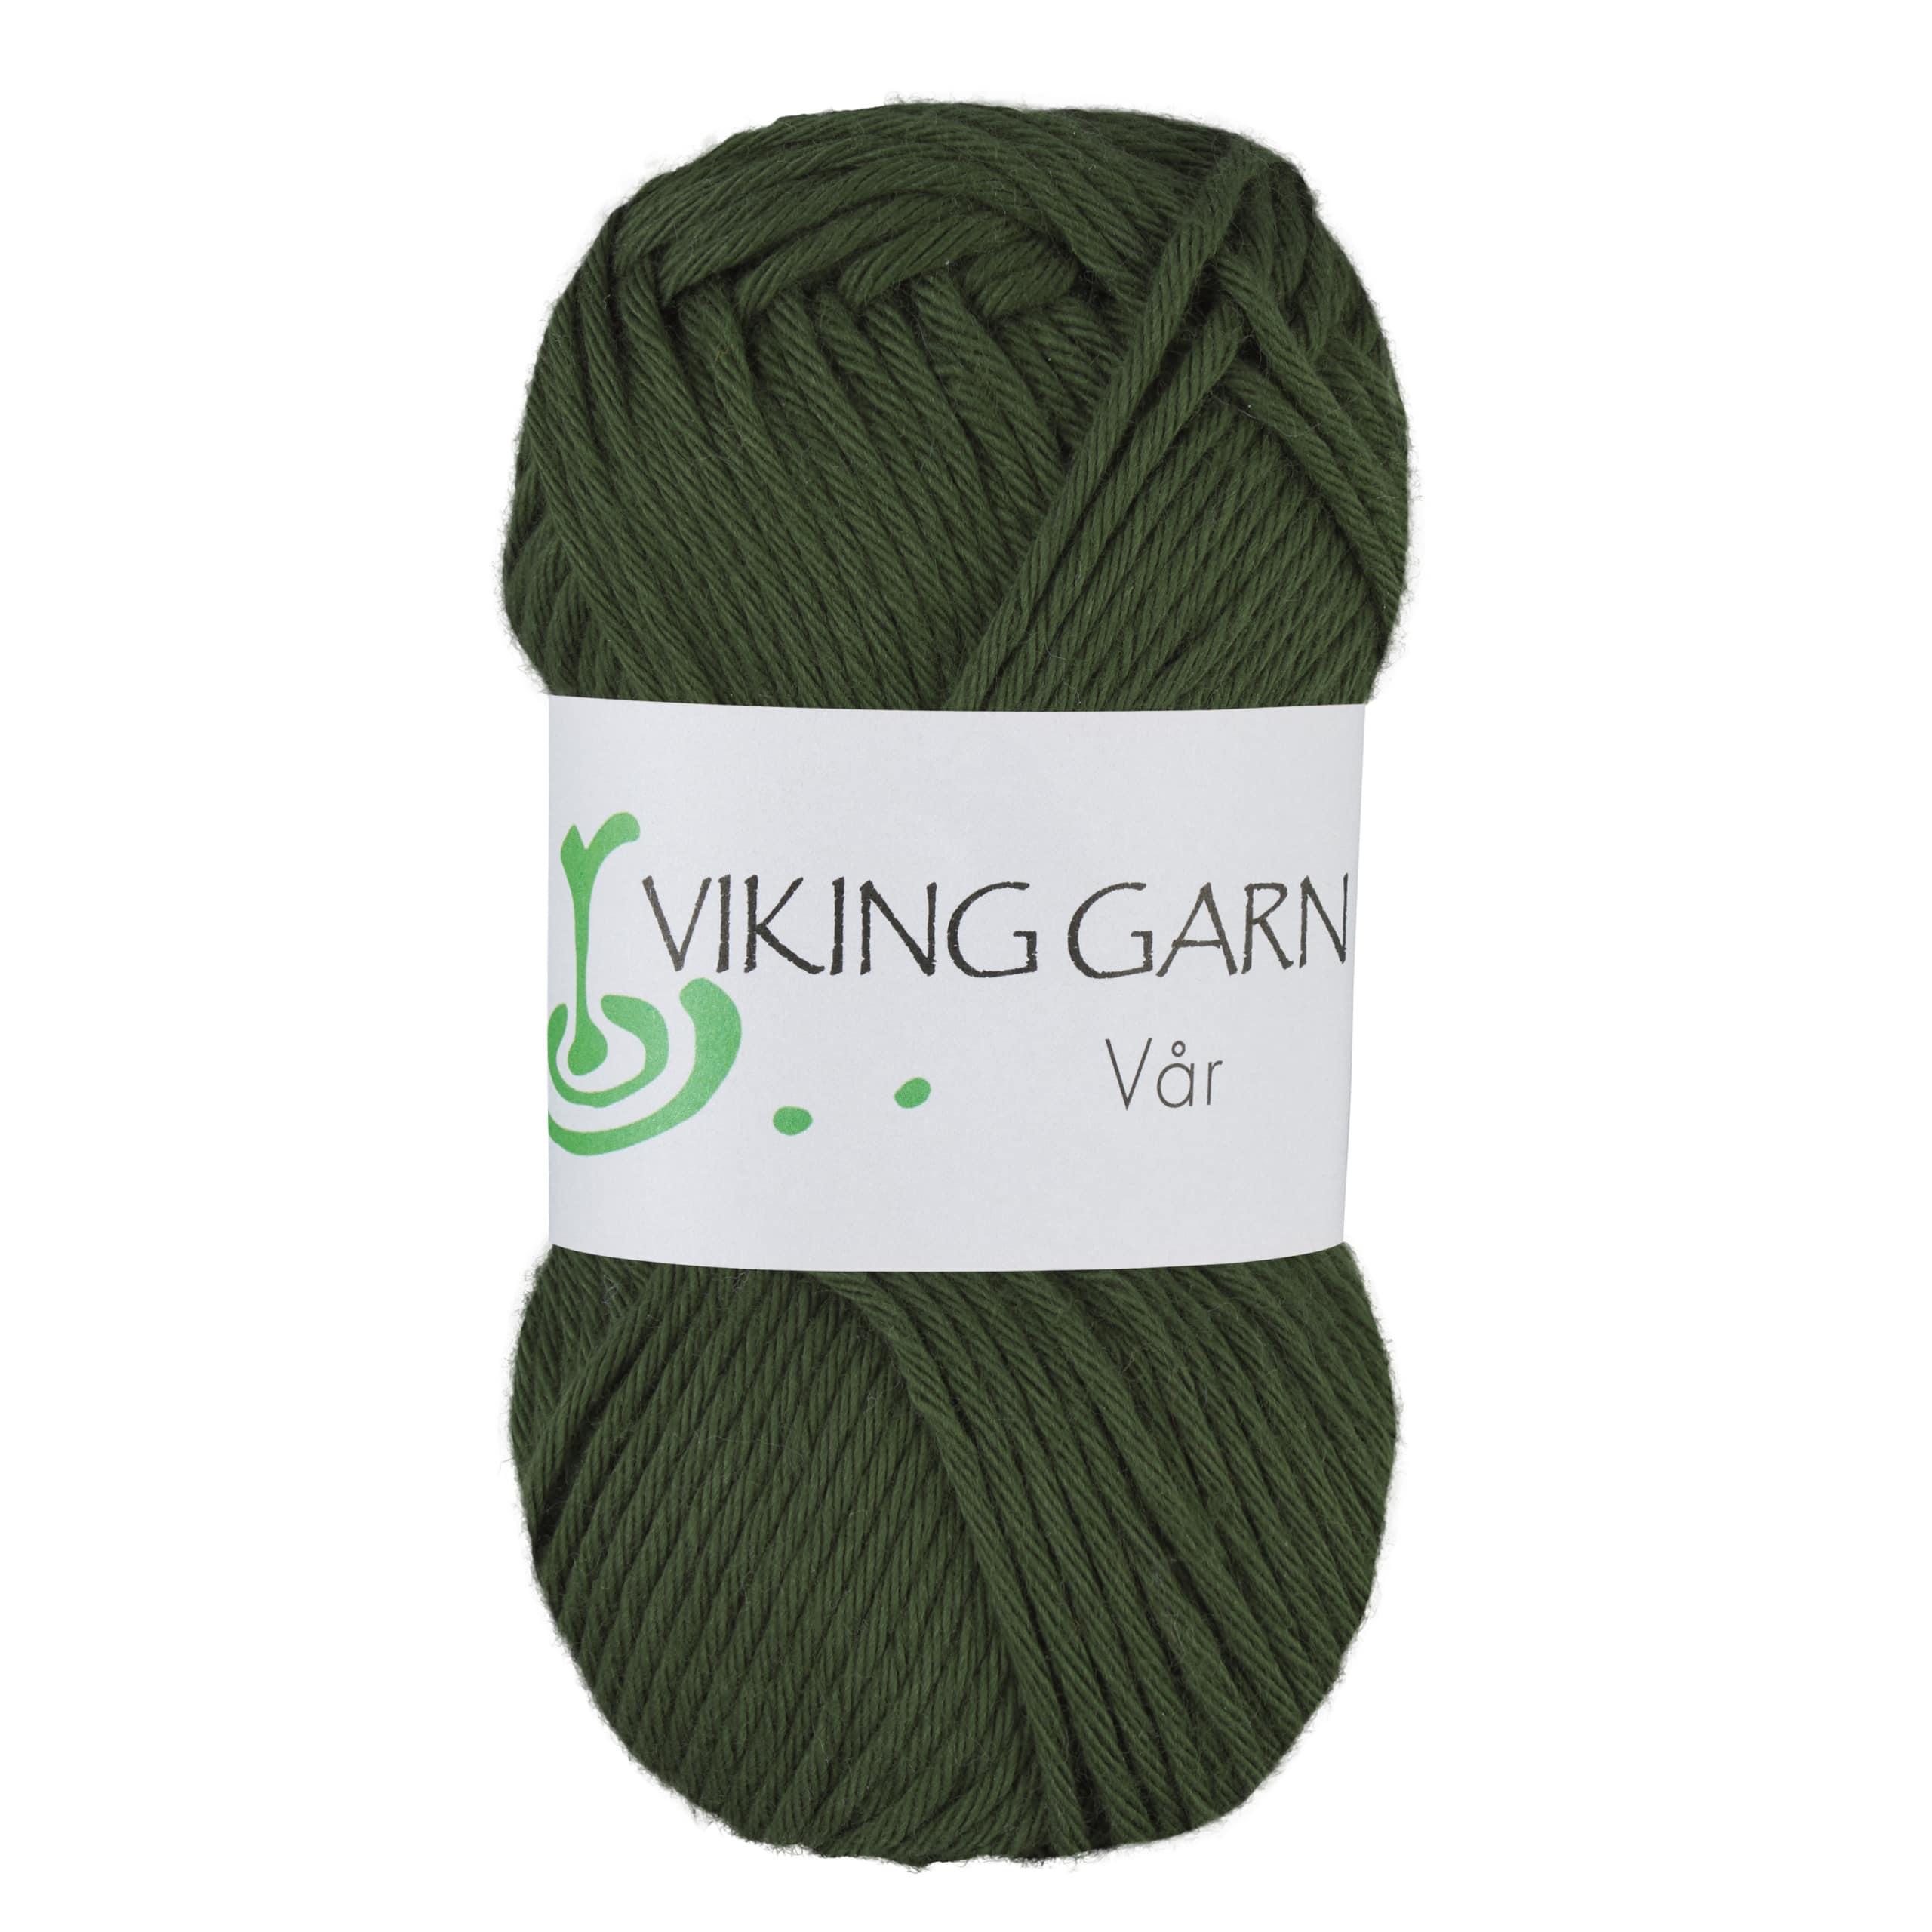 433 - Mørk Grønn